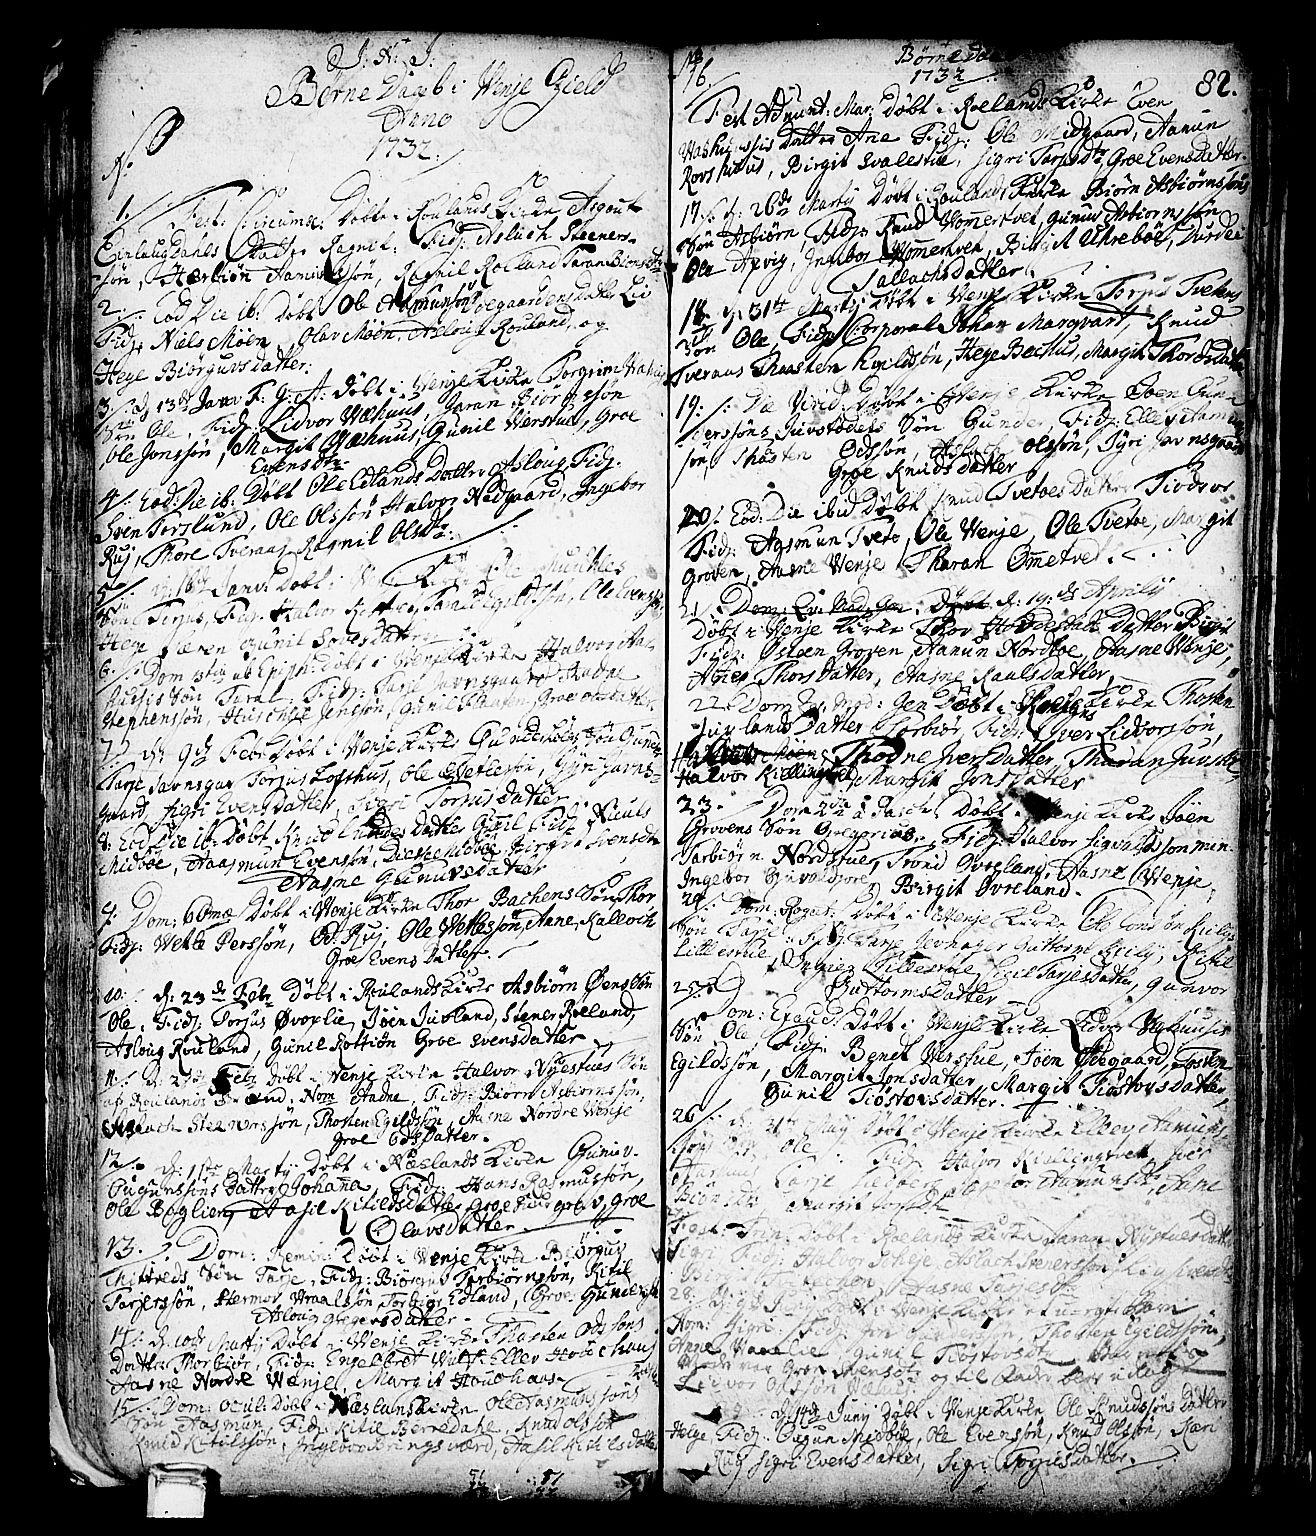 SAKO, Vinje kirkebøker, F/Fa/L0001: Ministerialbok nr. I 1, 1717-1766, s. 82